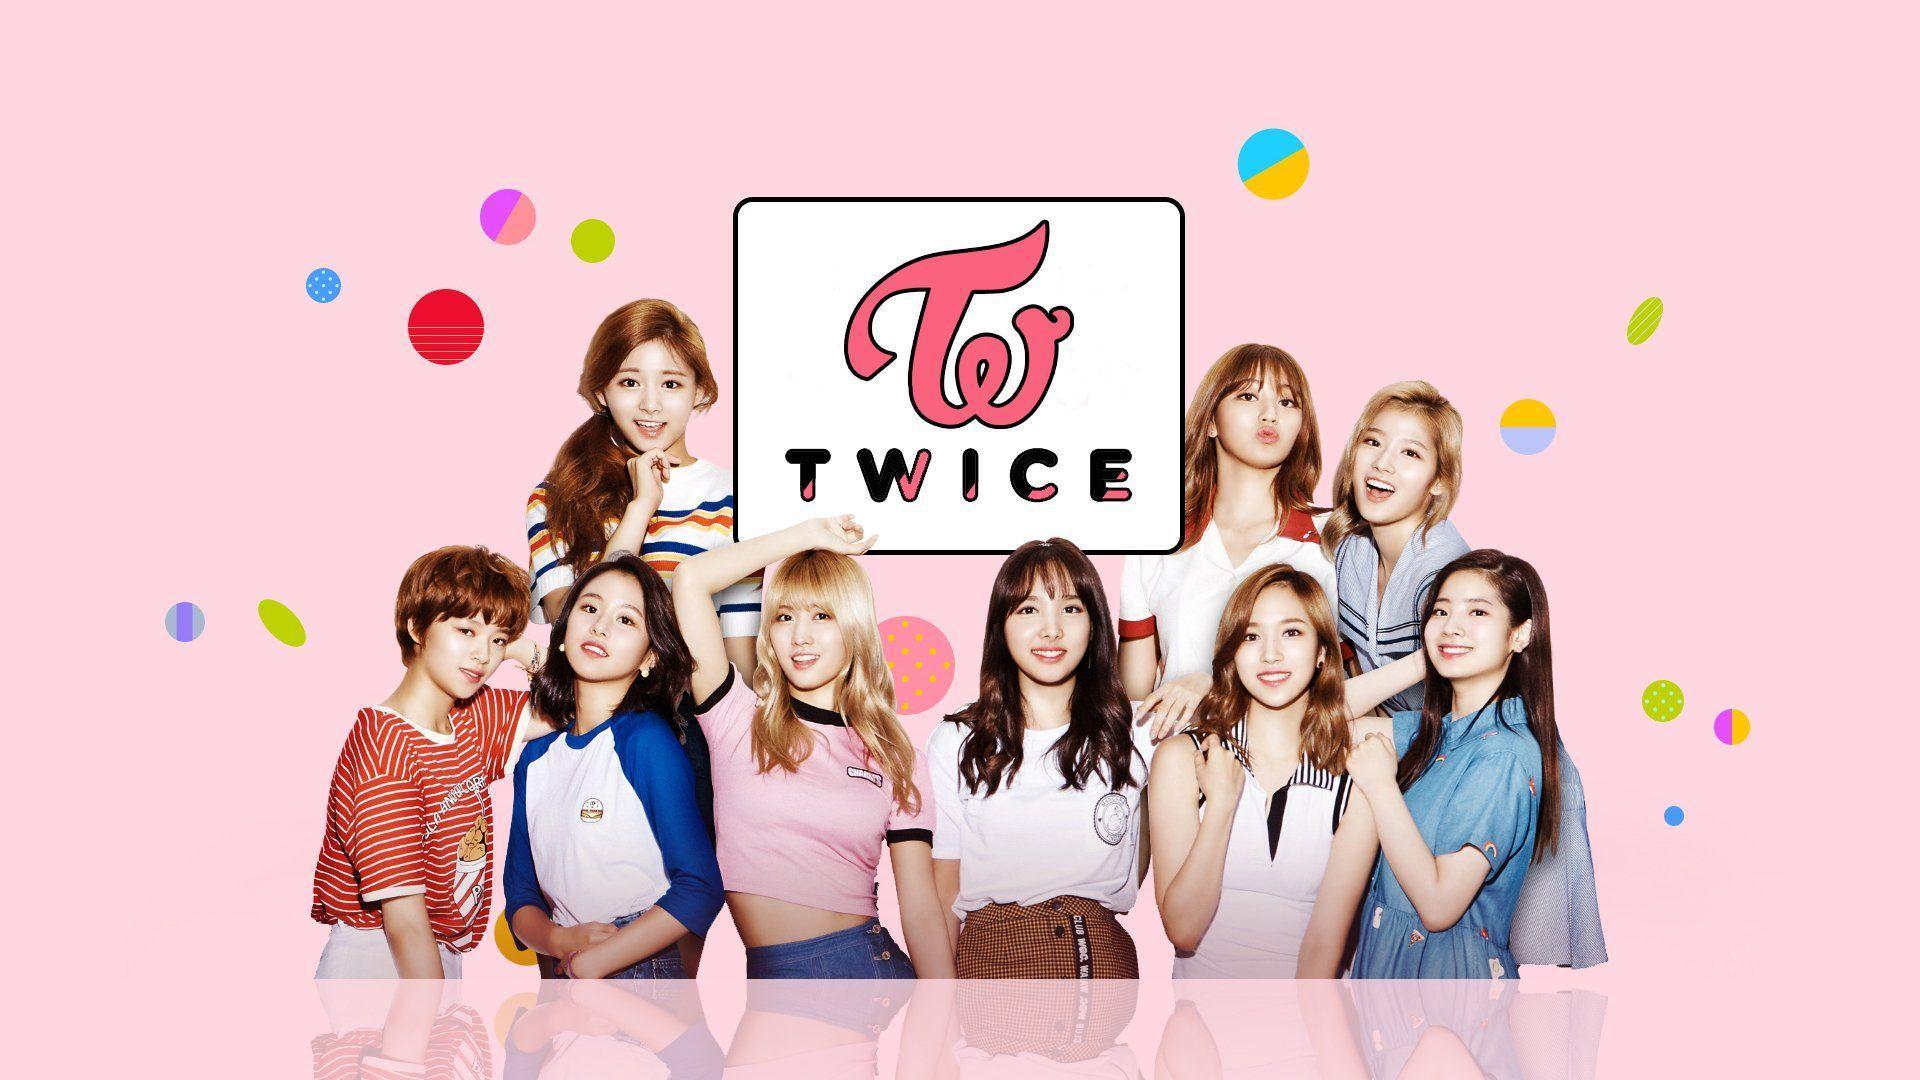 Twice K Pop Wallpapers Top Free Twice K Pop Backgrounds Wallpaperaccess